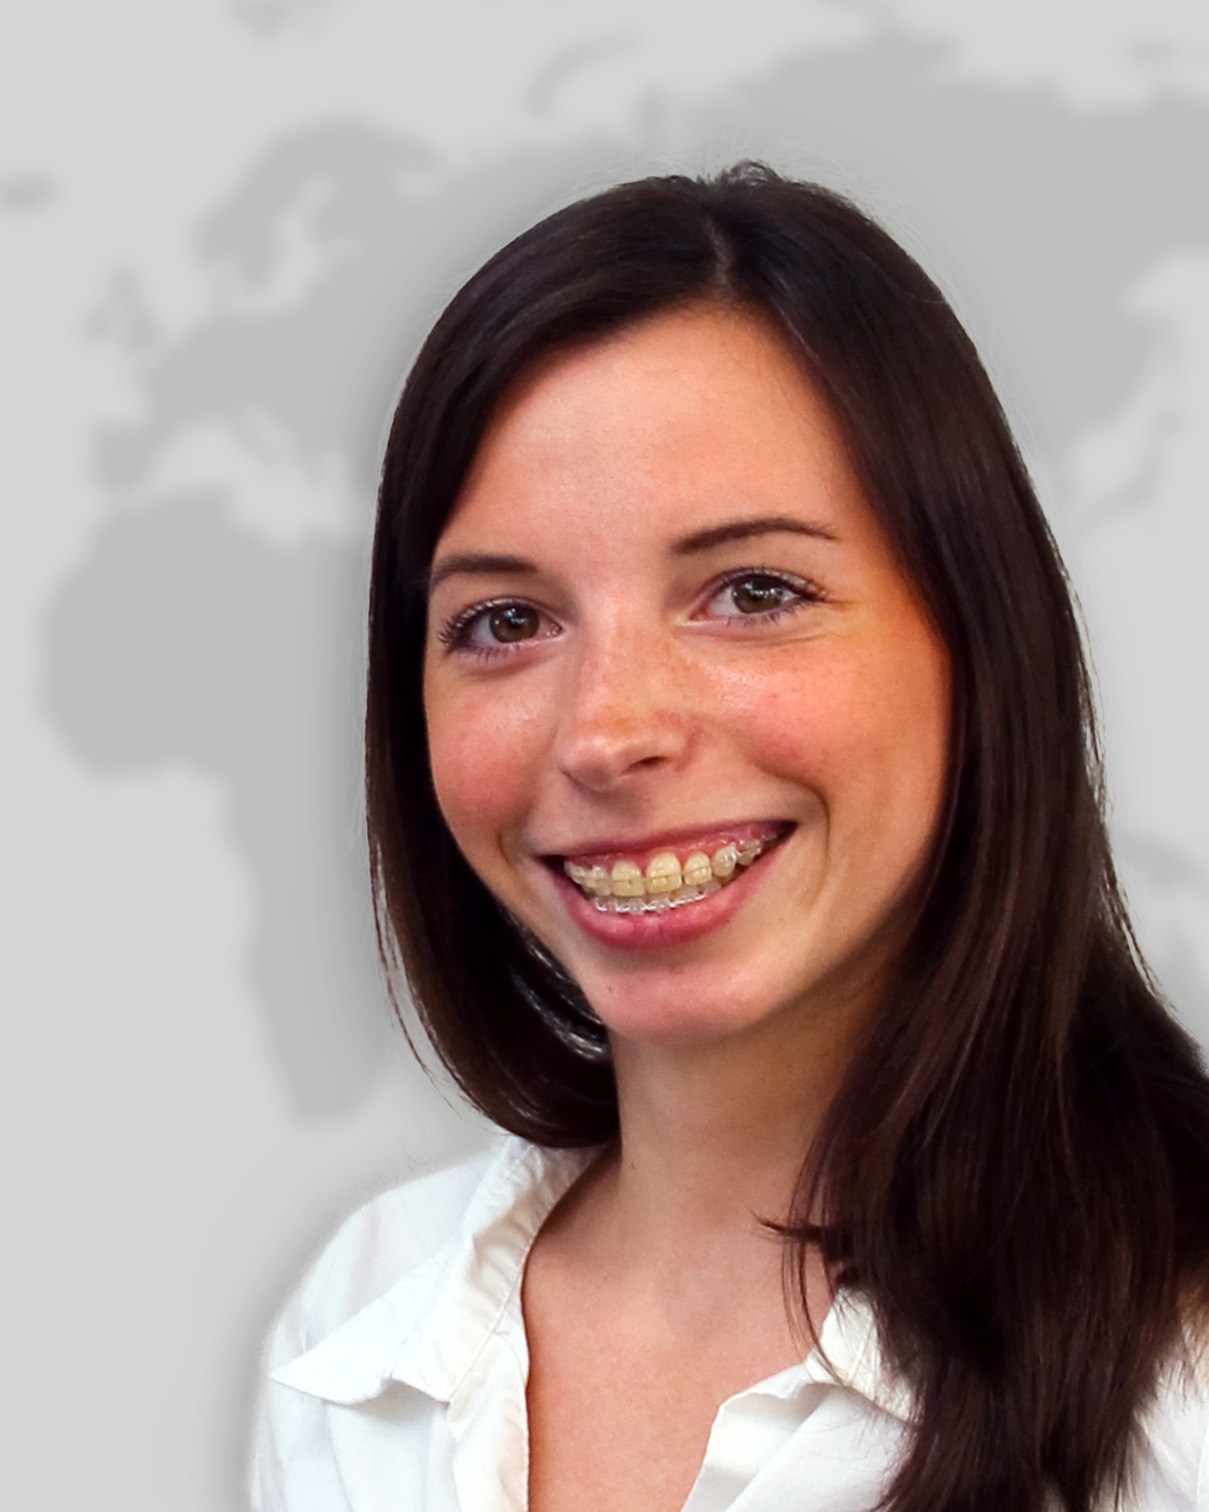 Isabell Zanoni